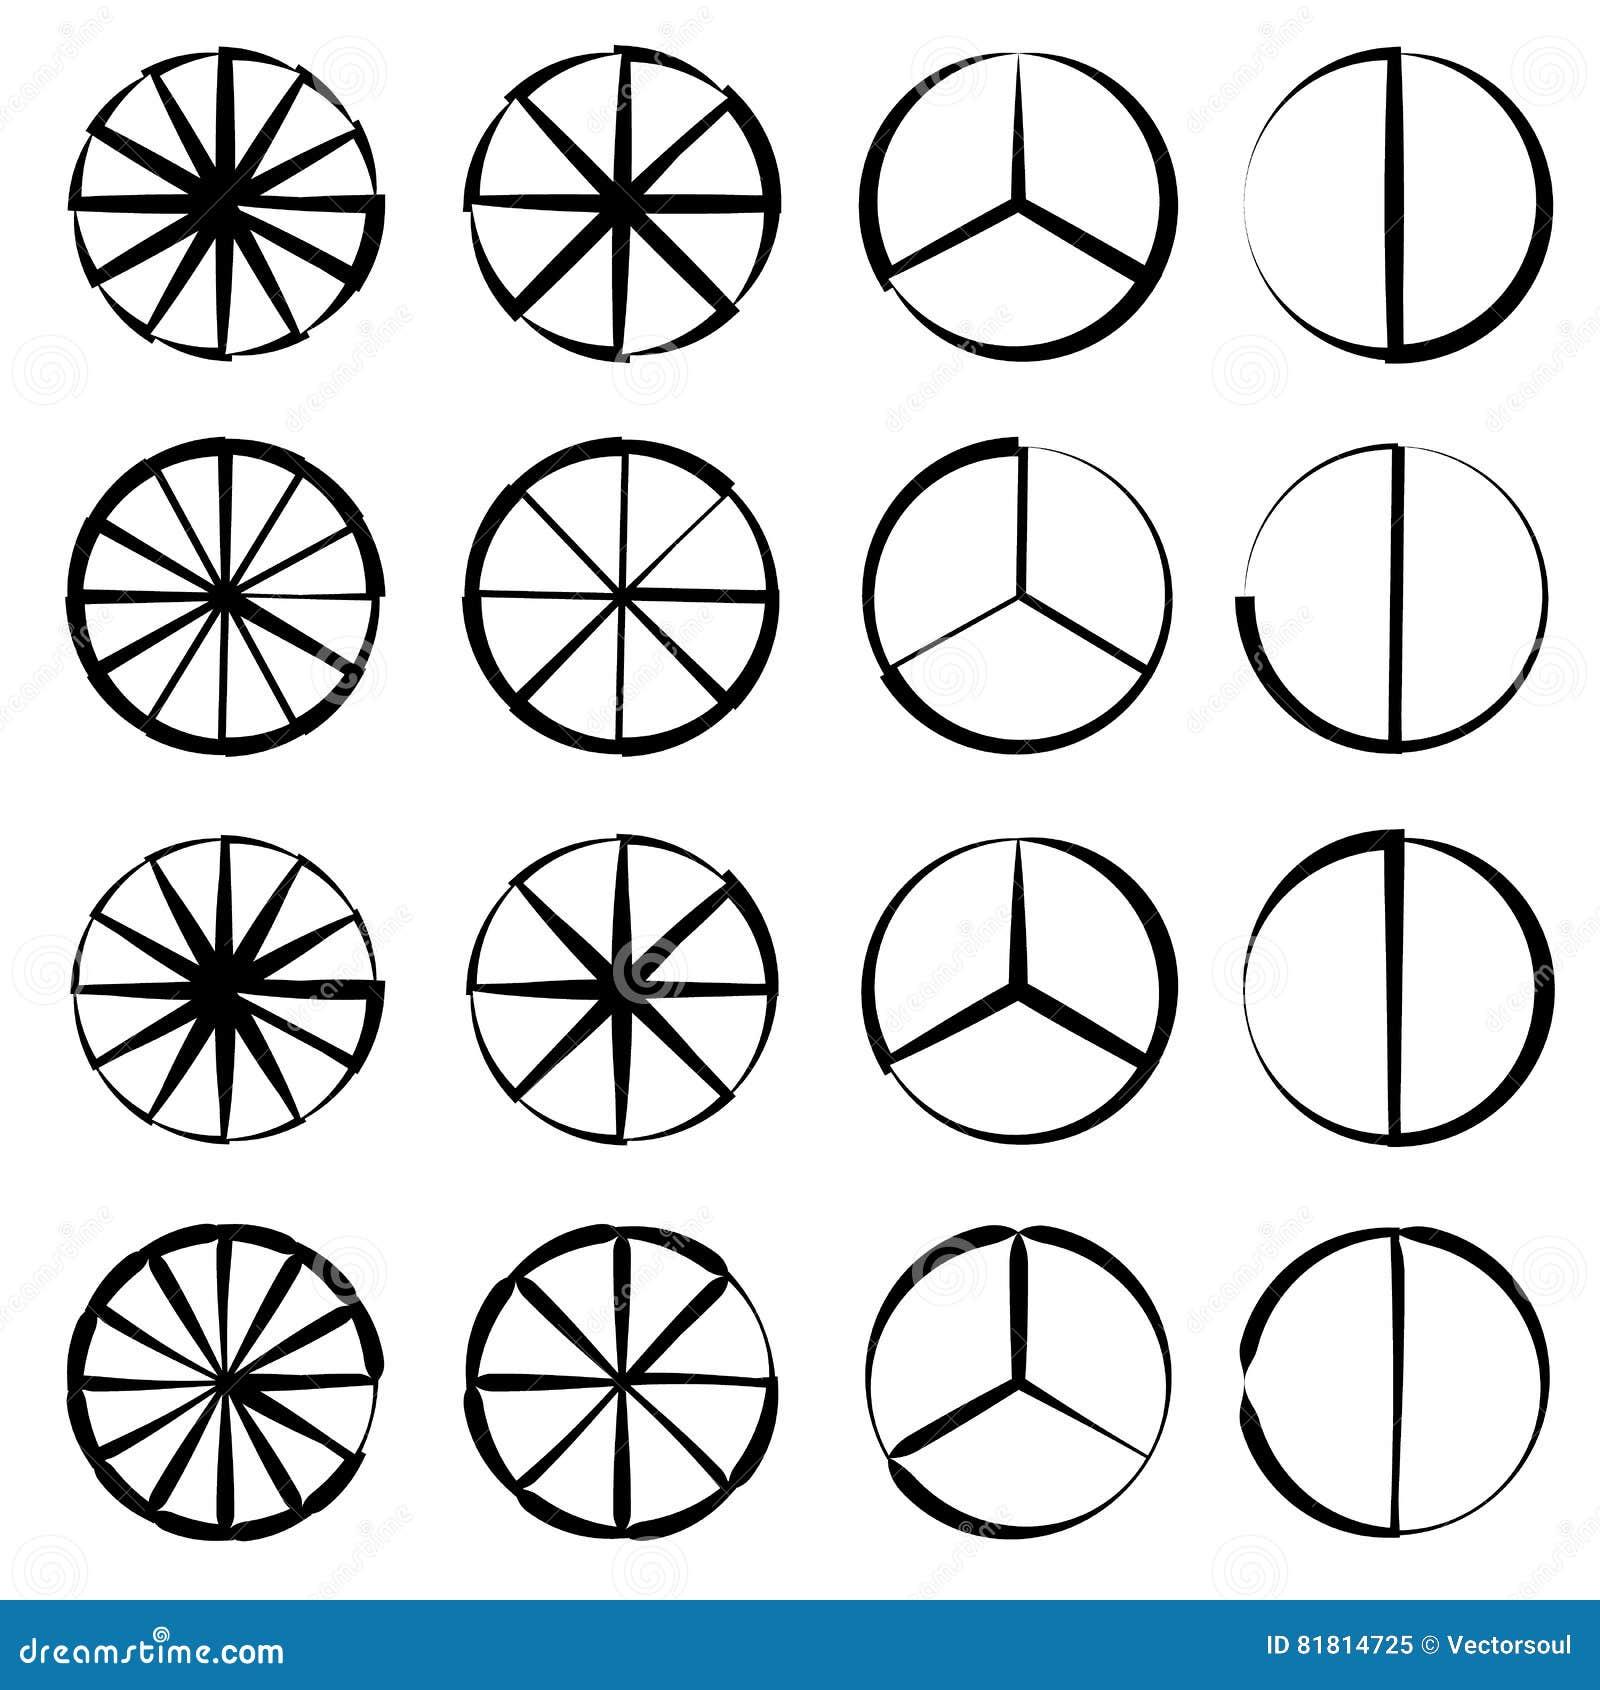 Поделенный на сегменты круг - долевая диограмма, комплект плана диаграммы пирога